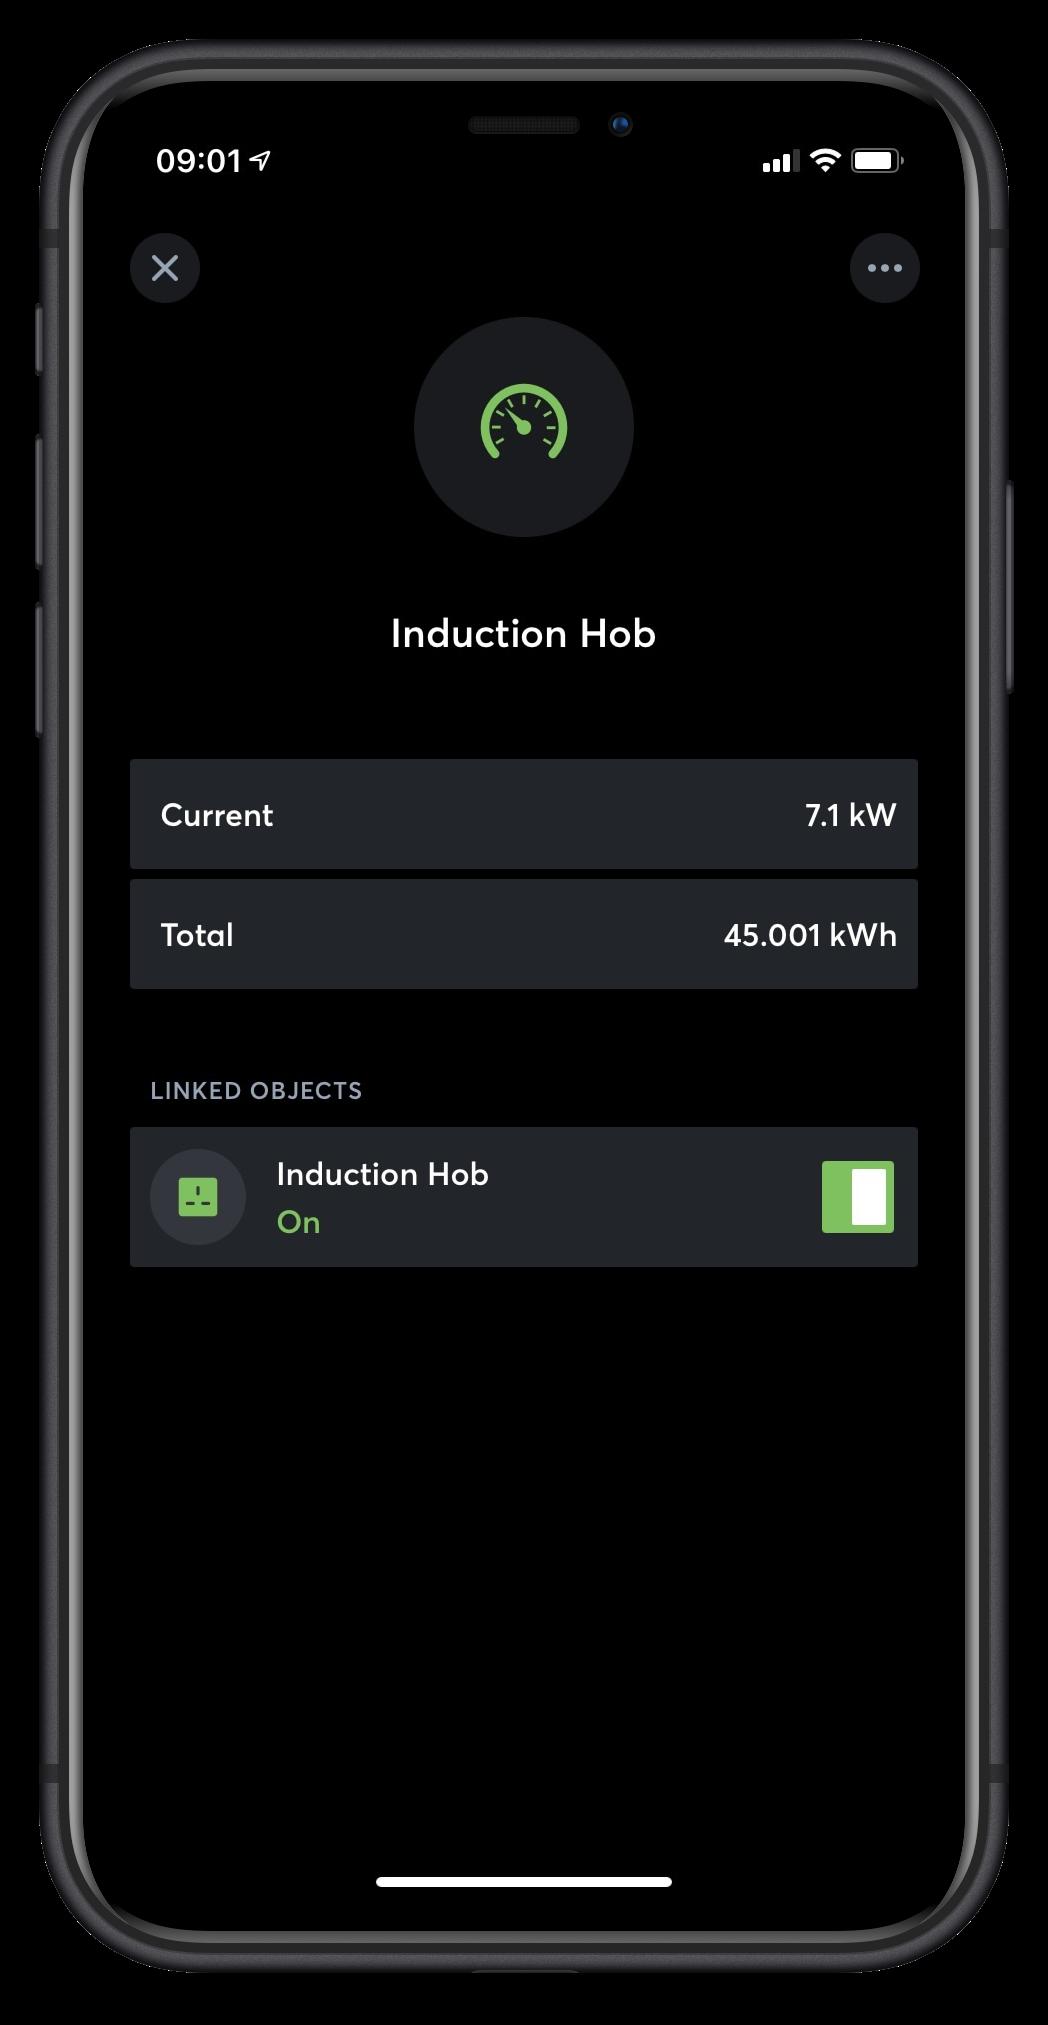 Loxone App Object Linking